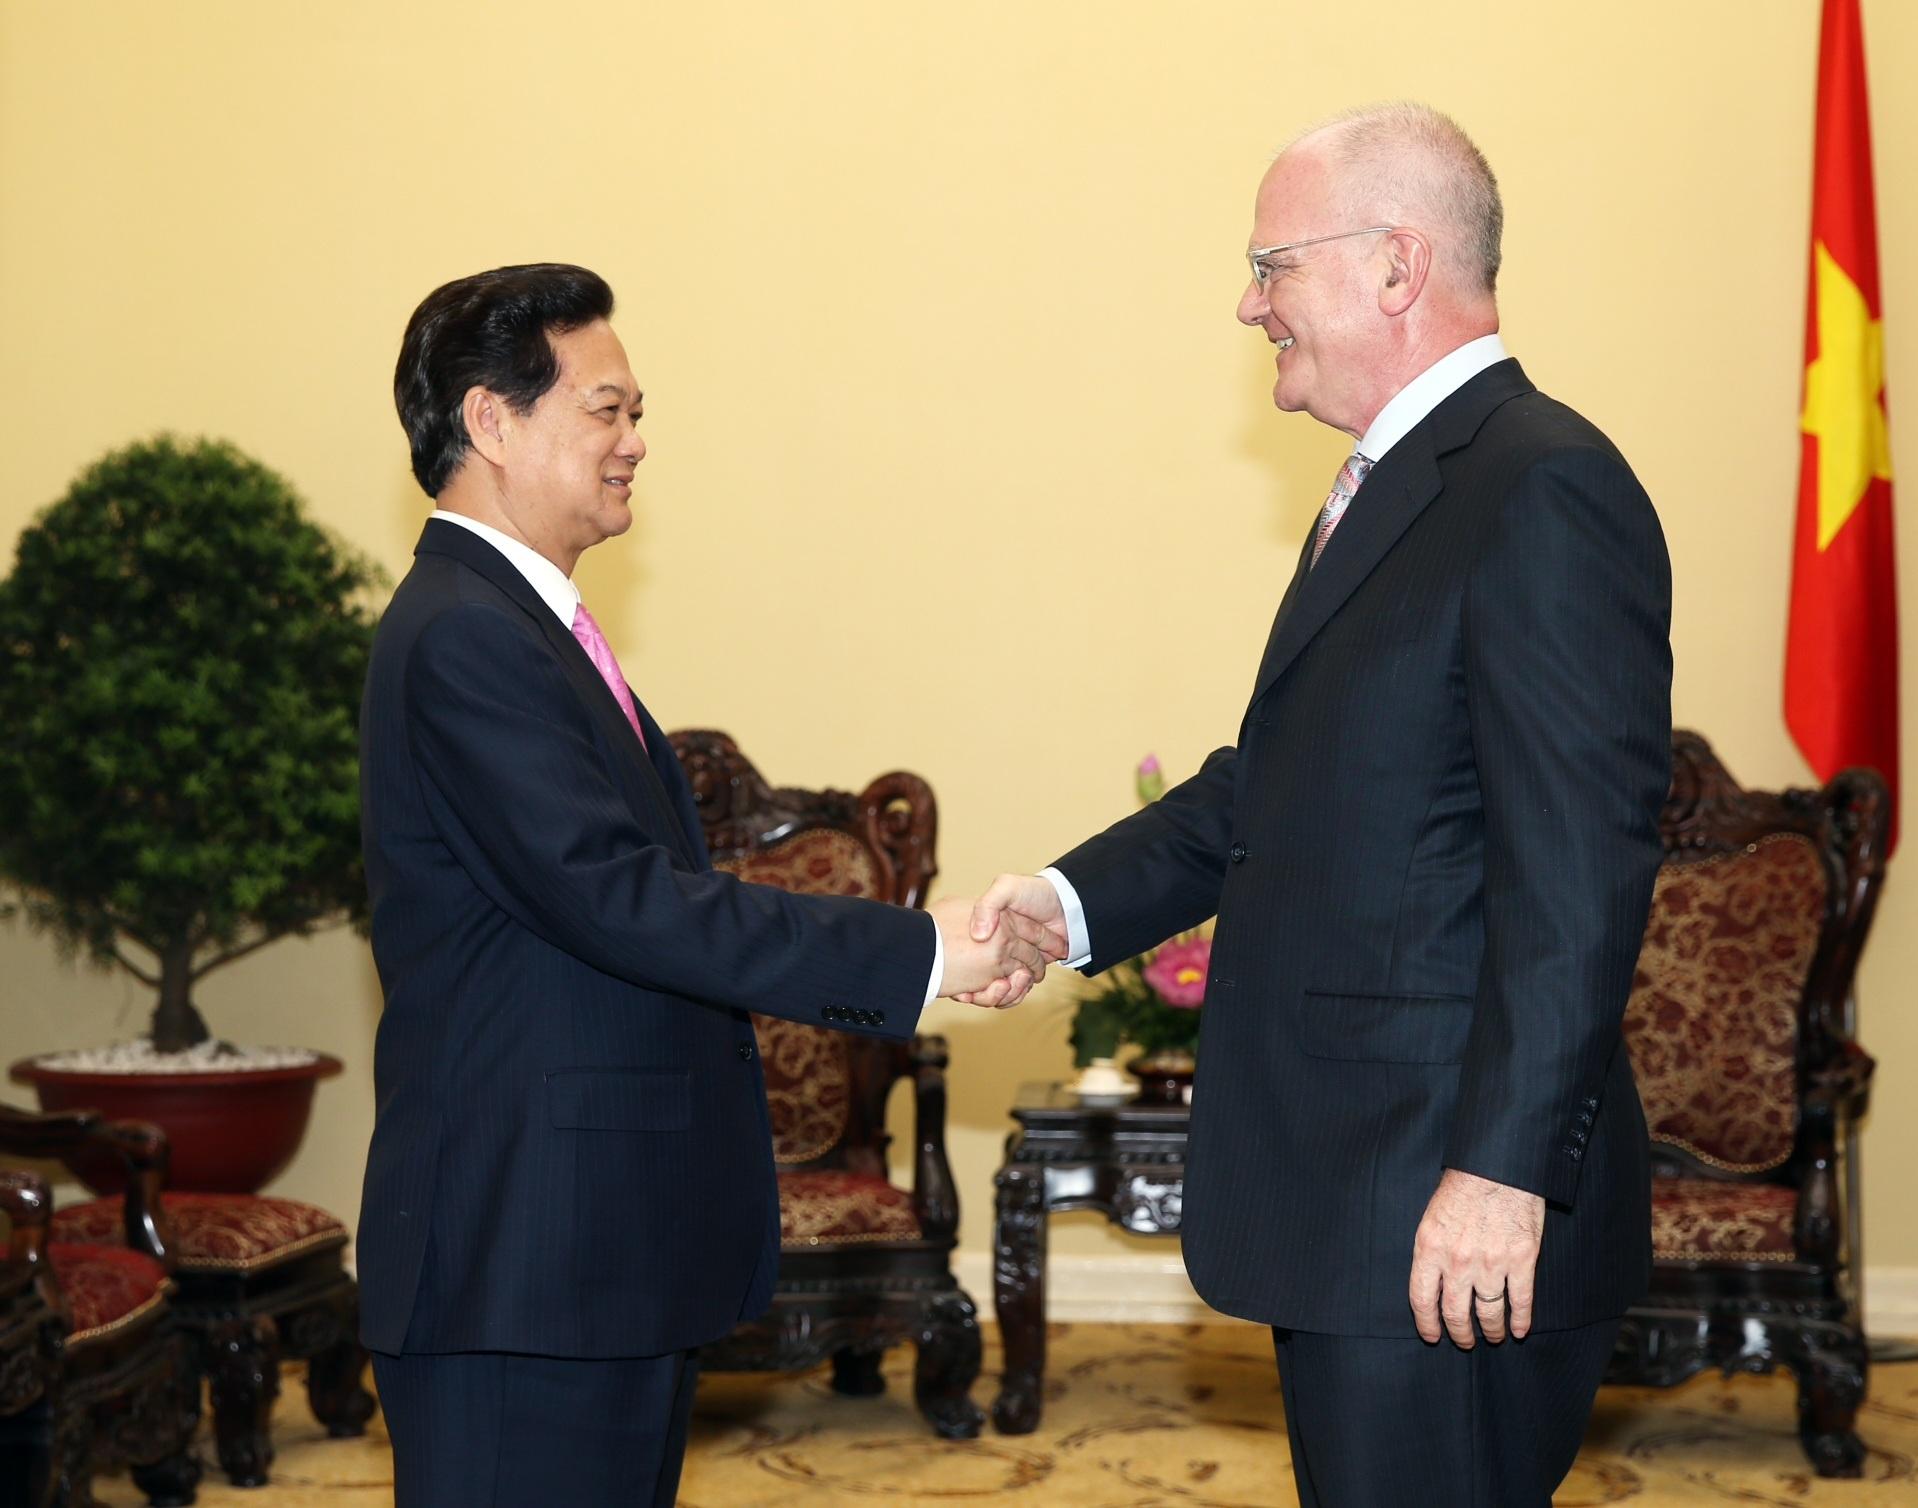 Thủ tướng Nguyễn Tấn Dũng tiếp ông Franz Jessen, Đại sứ, Trưởng phái đoàn EU tại Việt Nam.